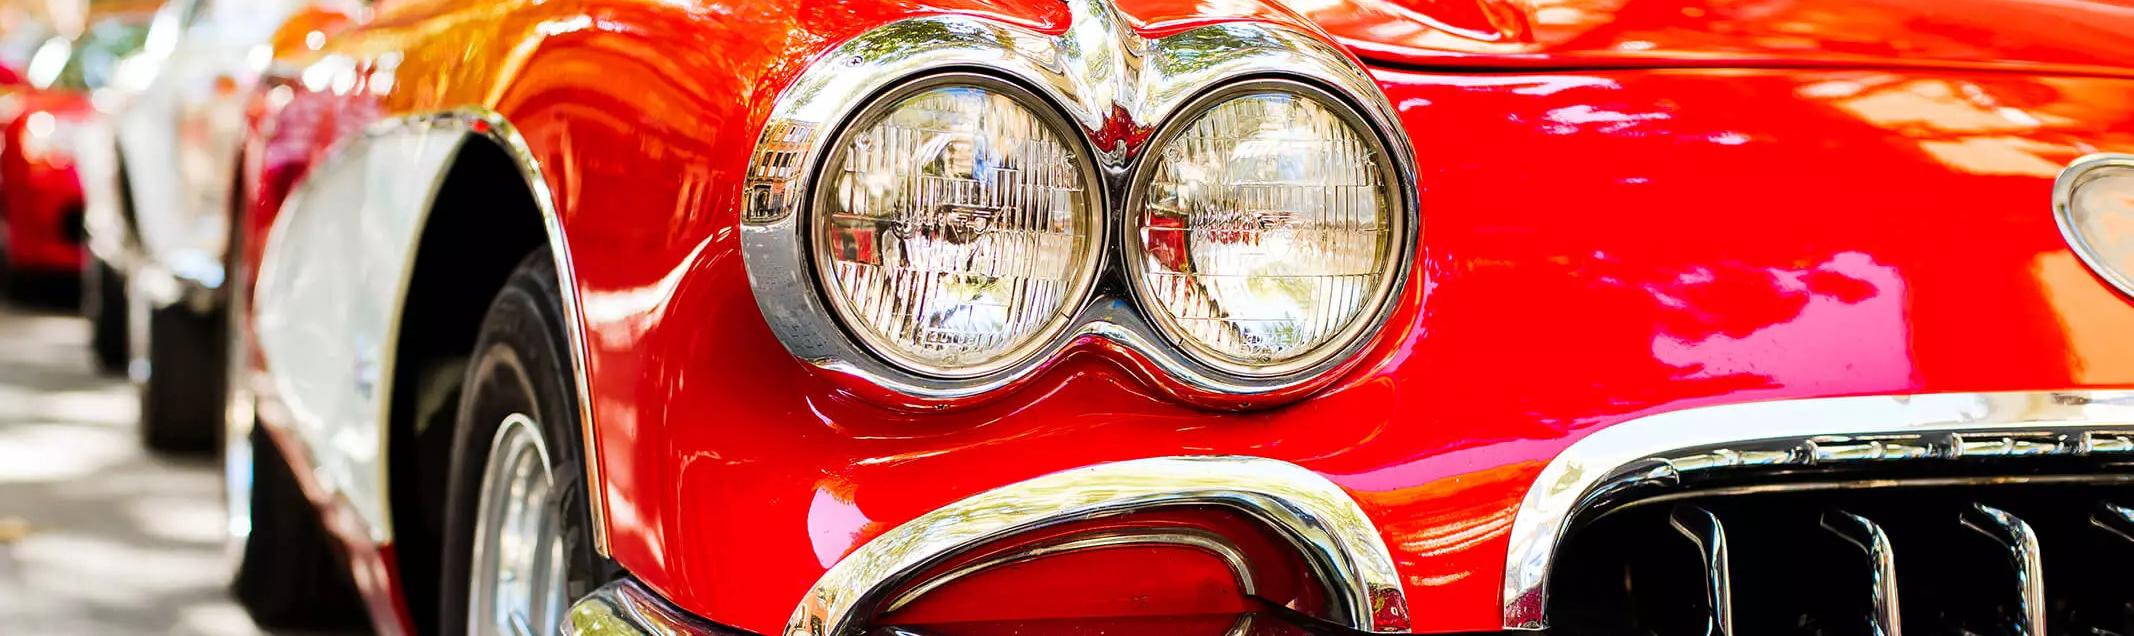 Auto Machine Shop in Concord, CA